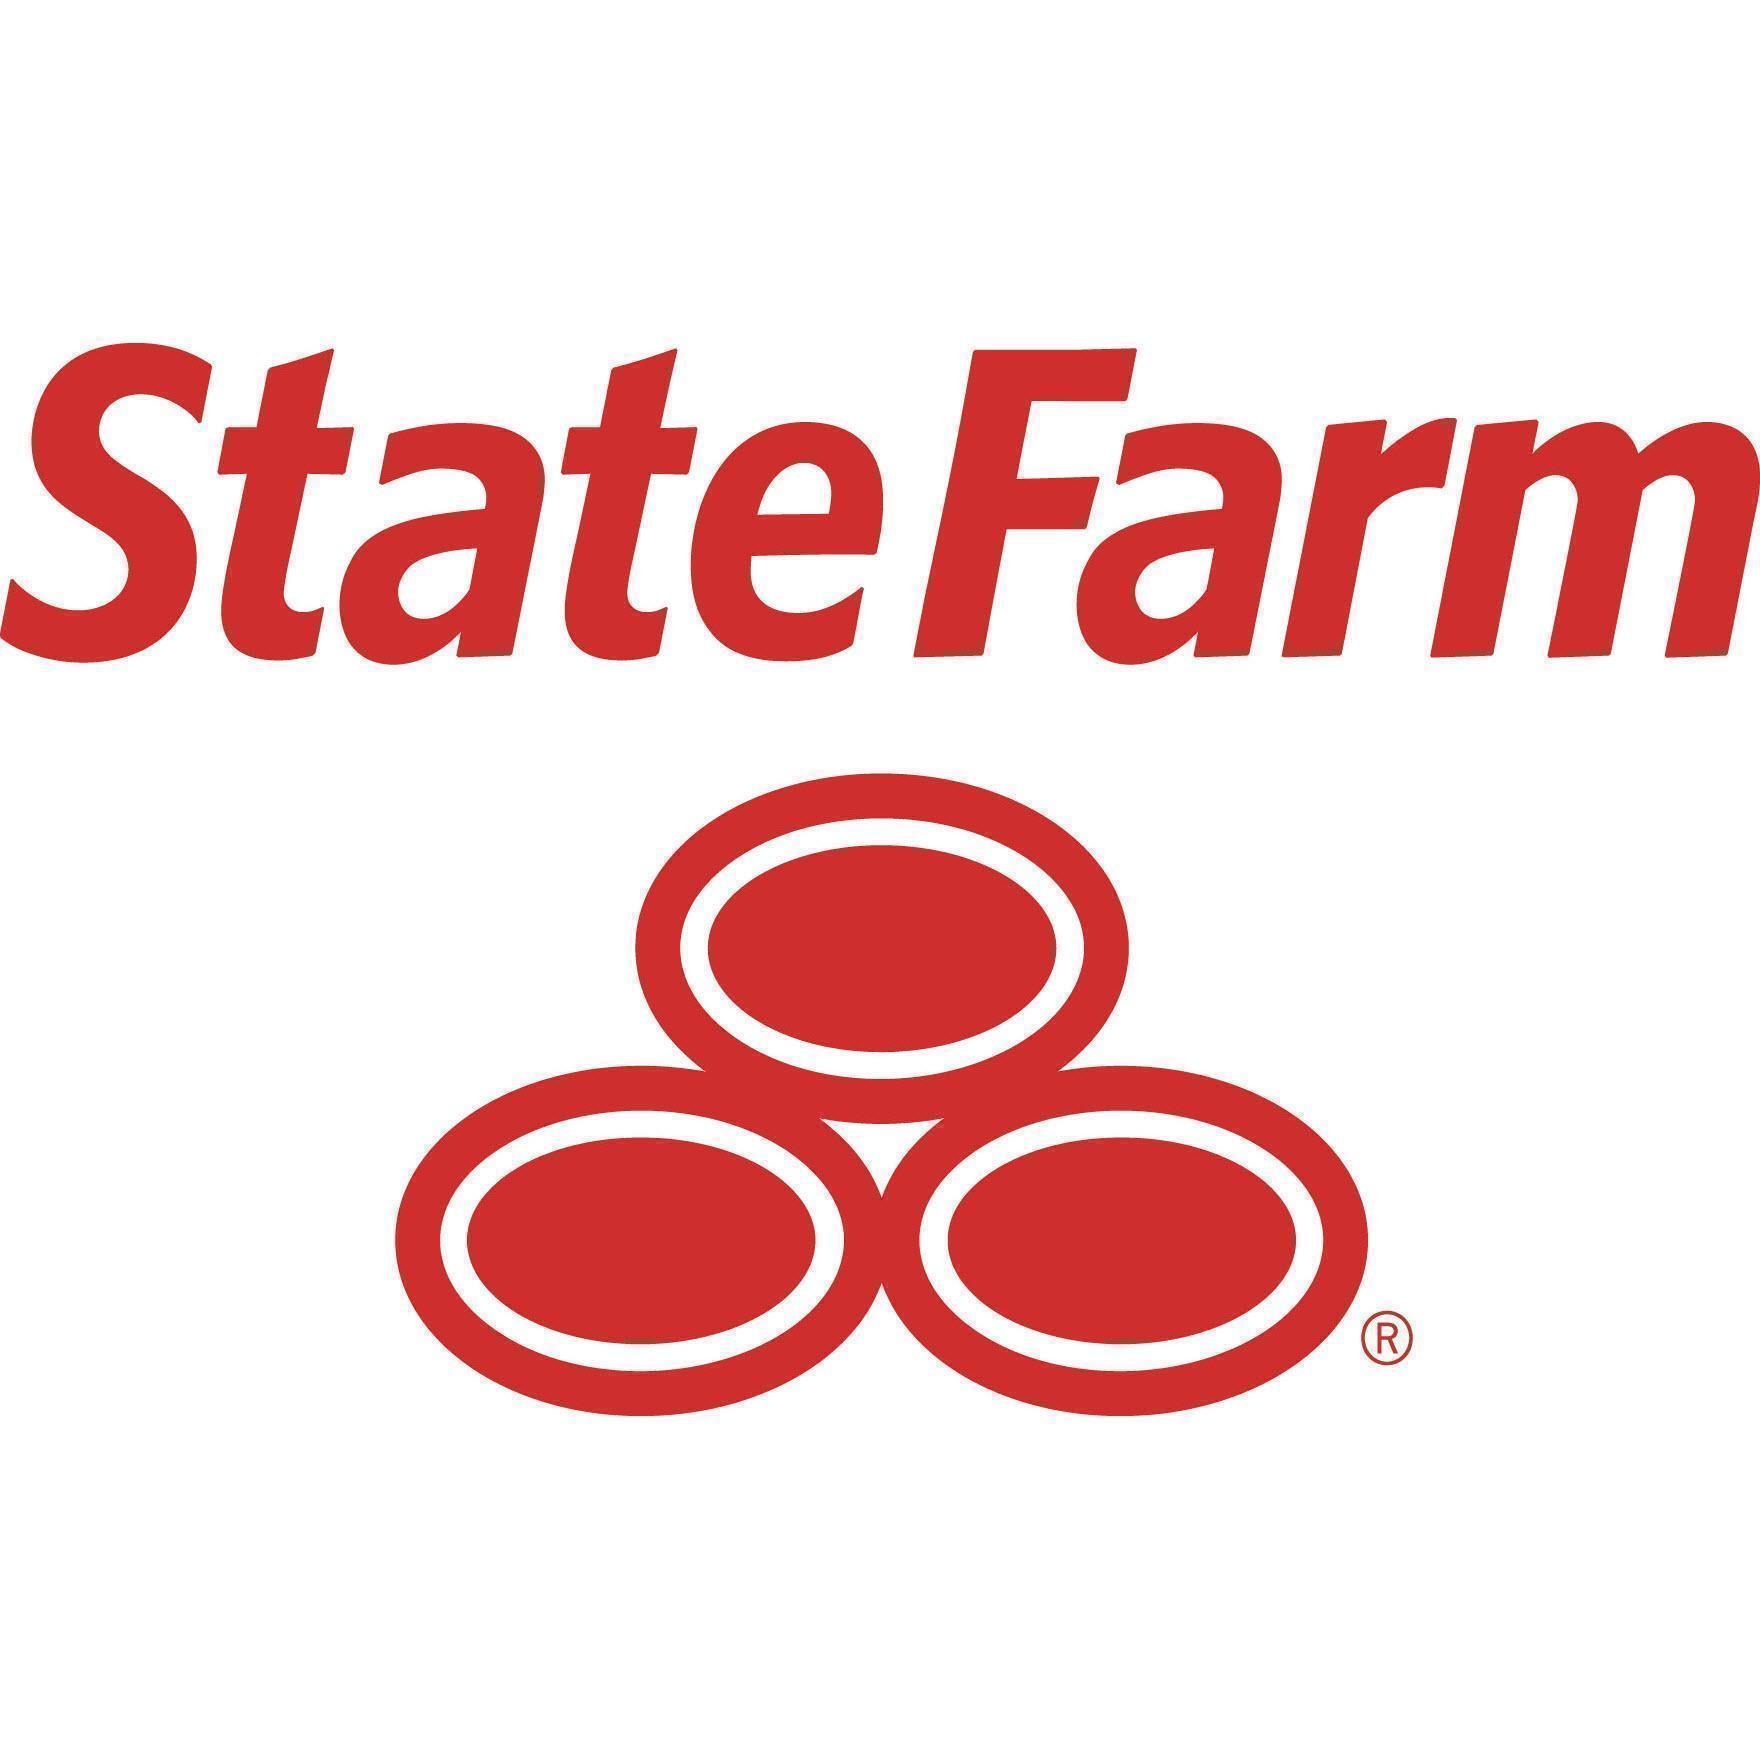 Al Bigelow - State Farm Insurance Agent